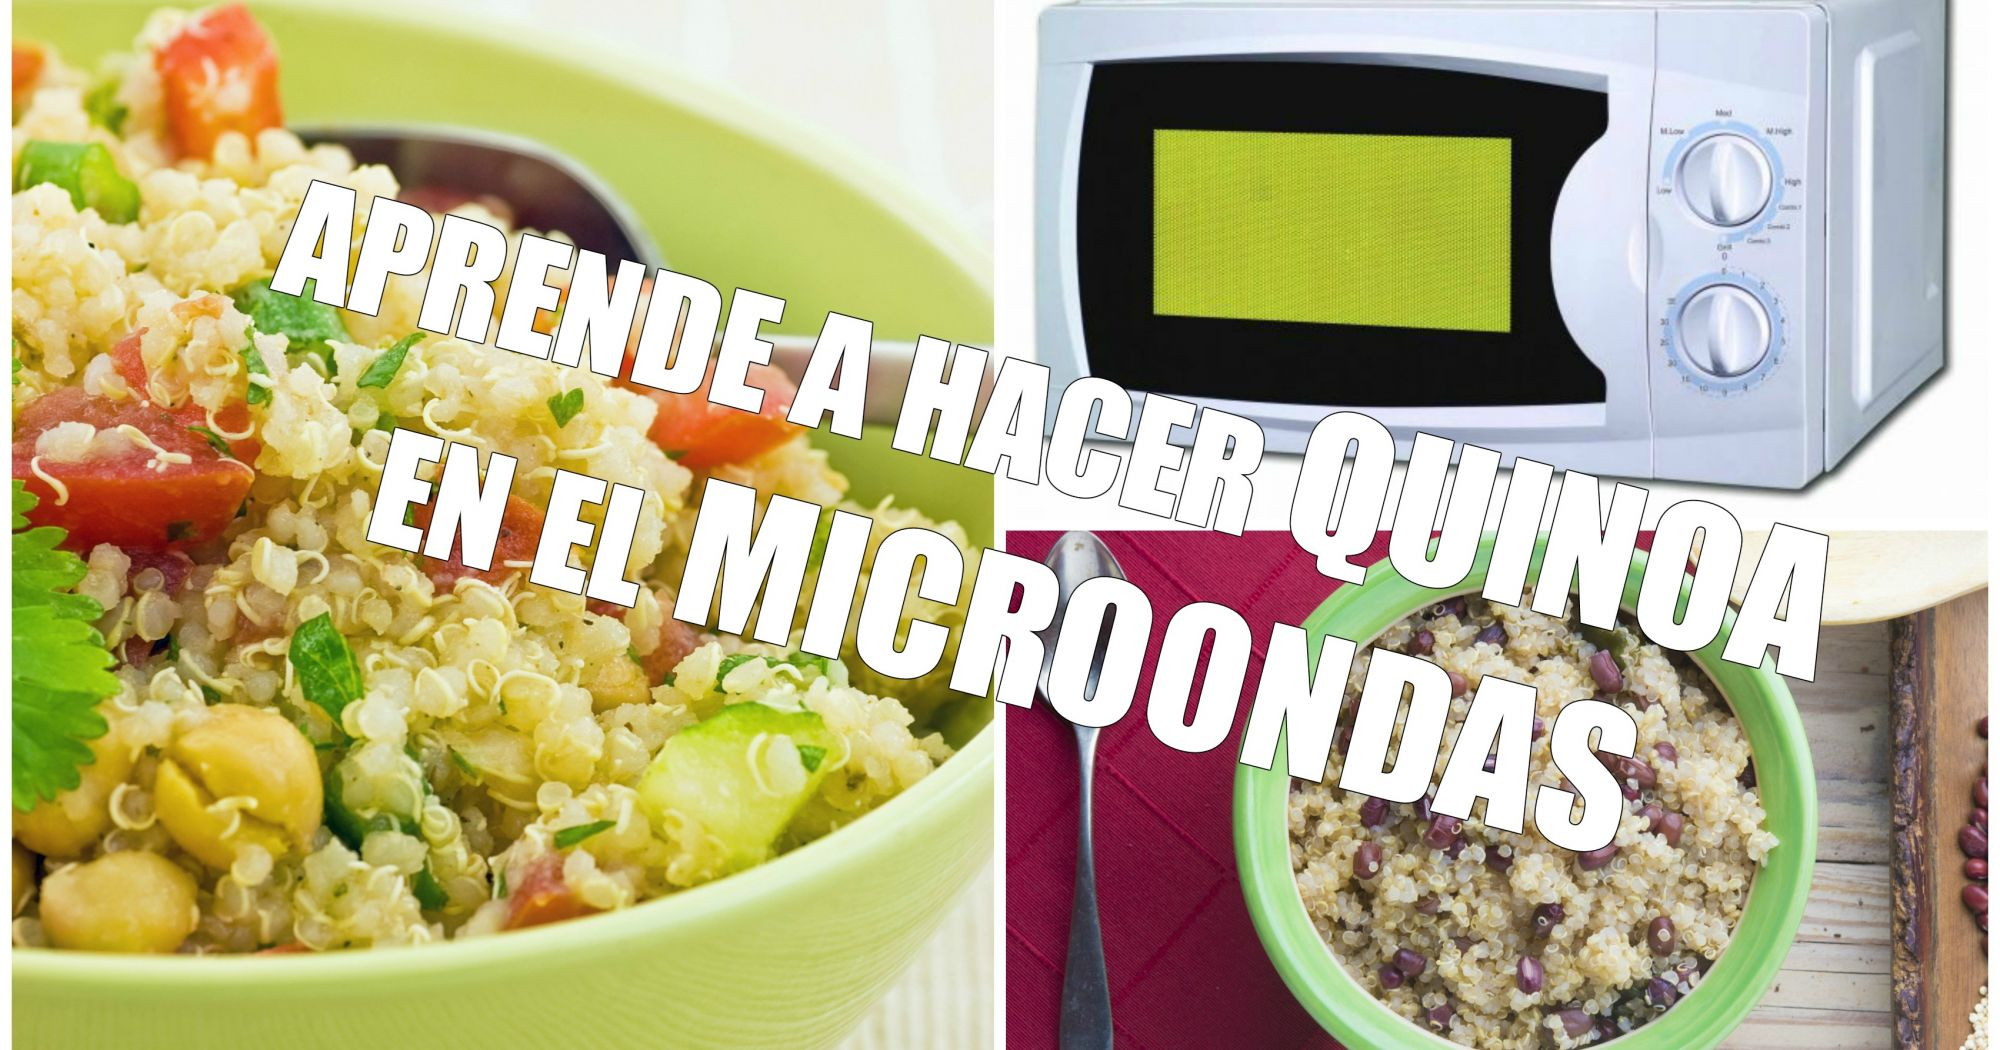 C mo cocinar quinoa en el microondas - Hacer pasta en el microondas ...